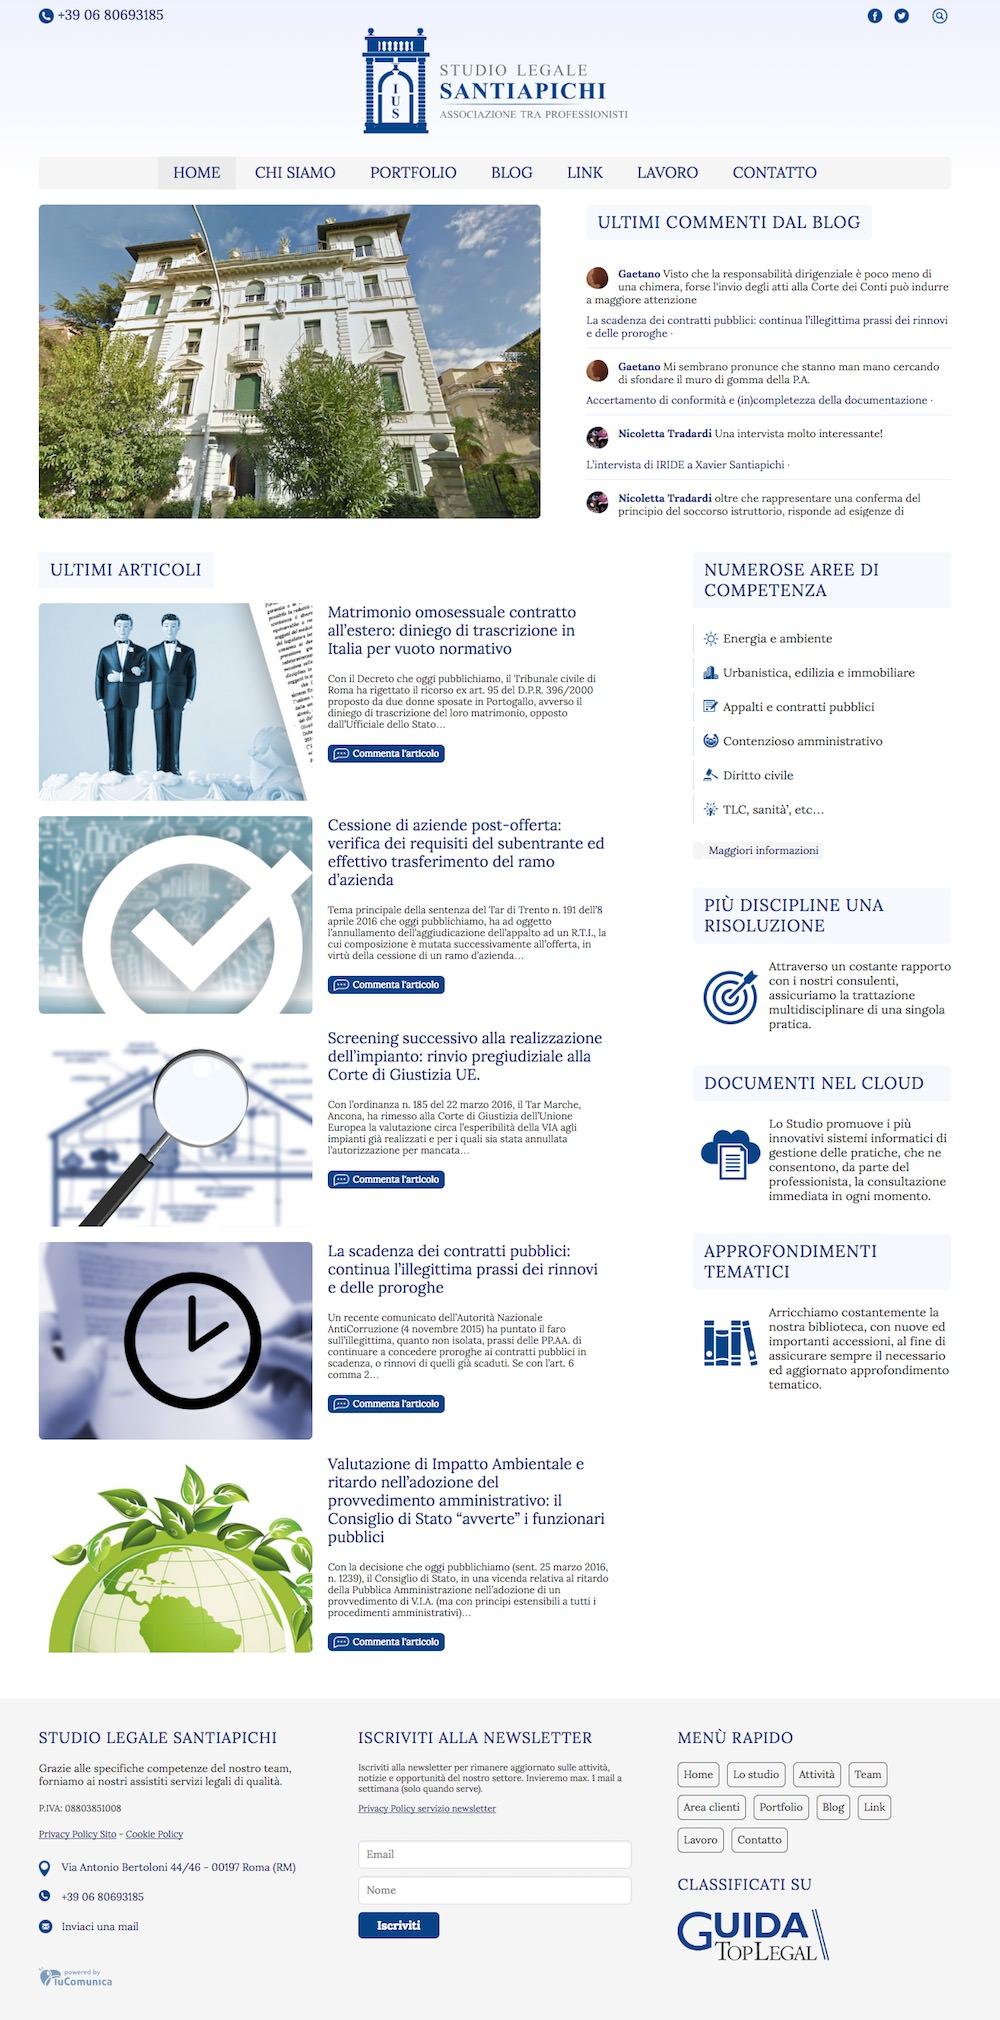 studio-legale-santiapichi-sviluppo-sito-web-layout